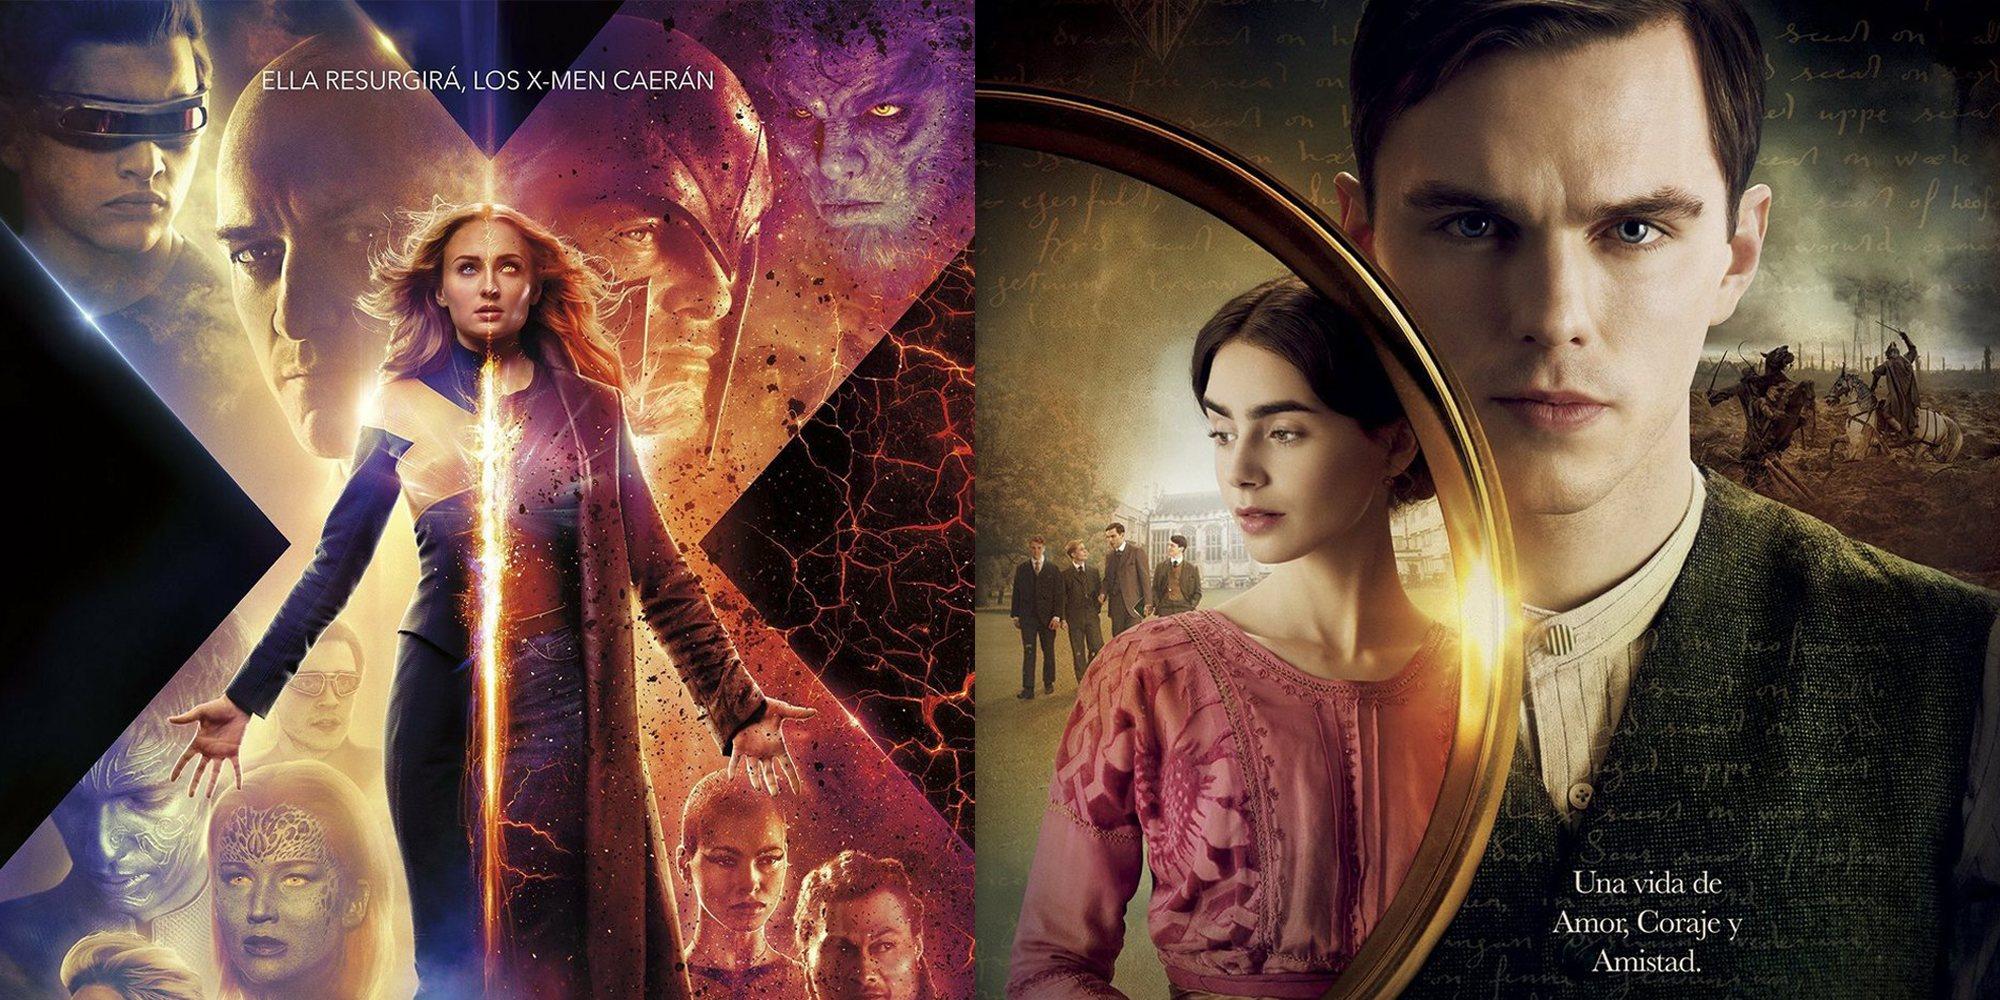 Las 5 películas más esperadas de junio de 2019